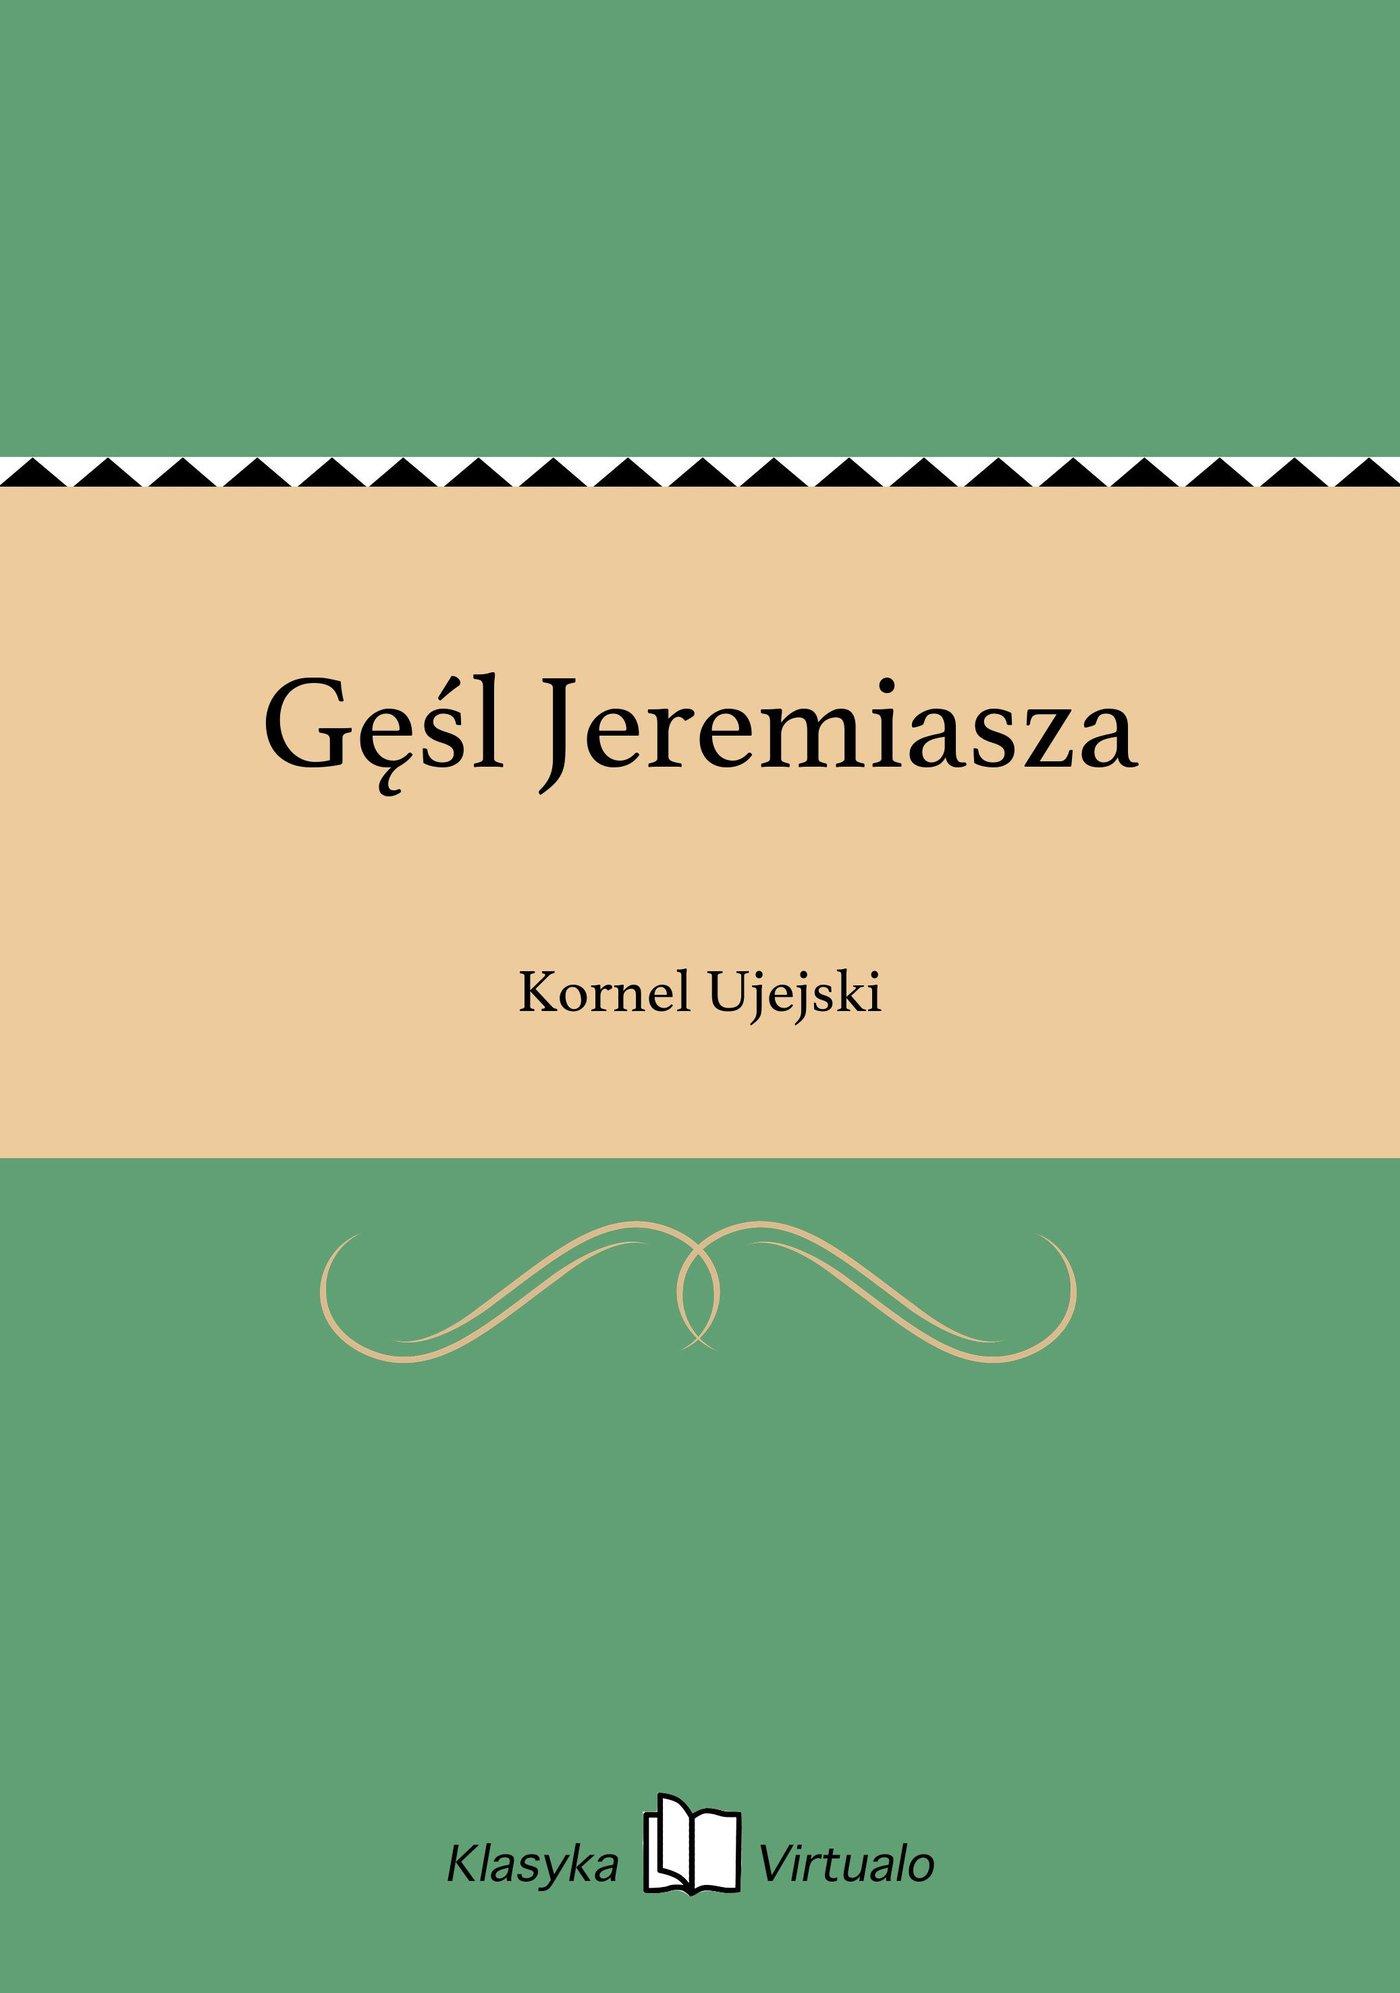 Gęśl Jeremiasza - Ebook (Książka EPUB) do pobrania w formacie EPUB